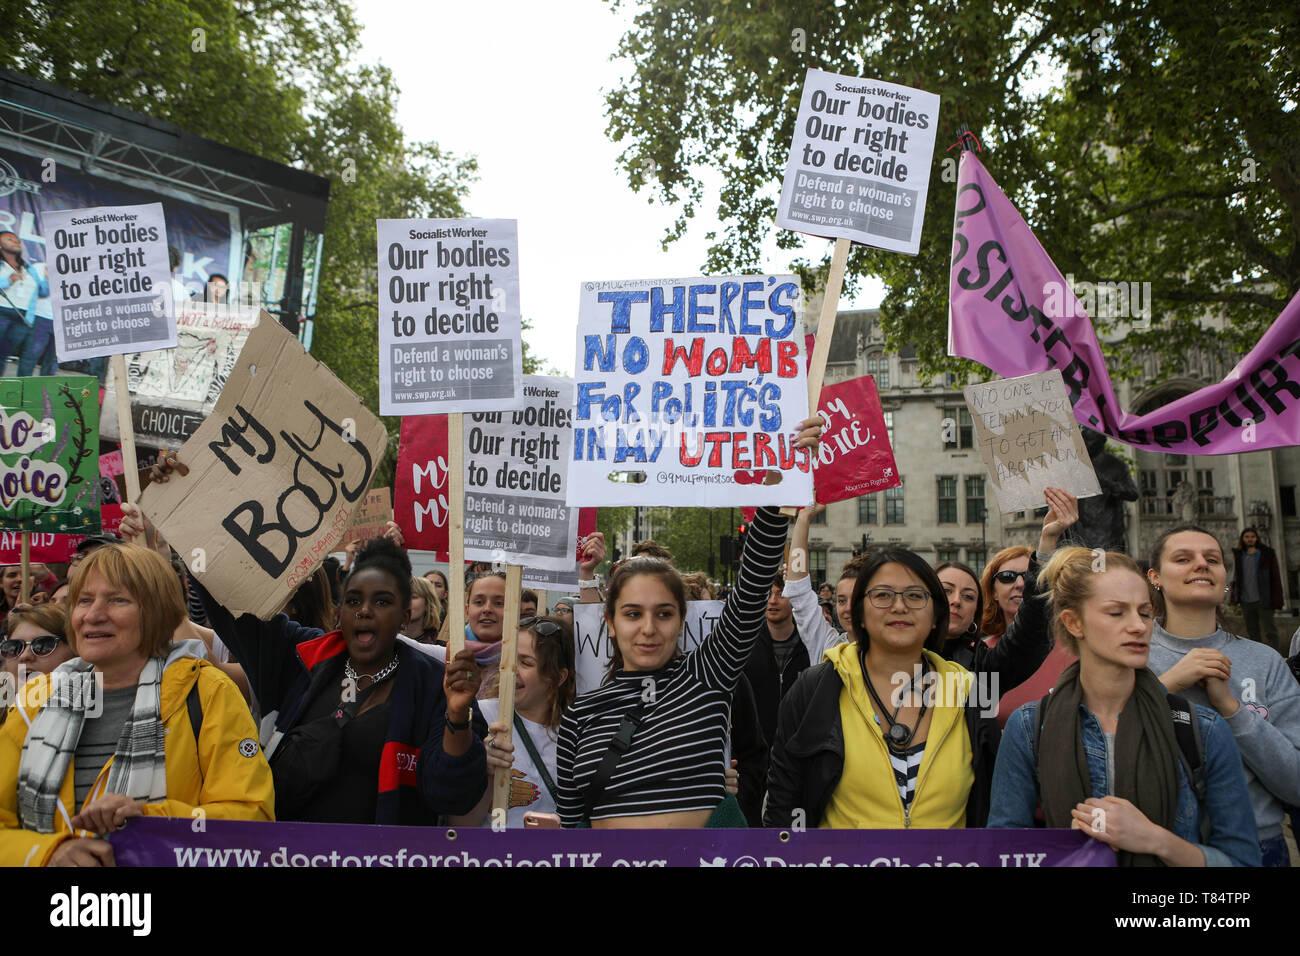 """La plaza del parlamento, Westminster, Reino Unido. El 11 de mayo de 2019. 'March por elección"""" y """"pro vida manifestación al mismo tiempo. Penelope Barritt/Alamy Live News Foto de stock"""